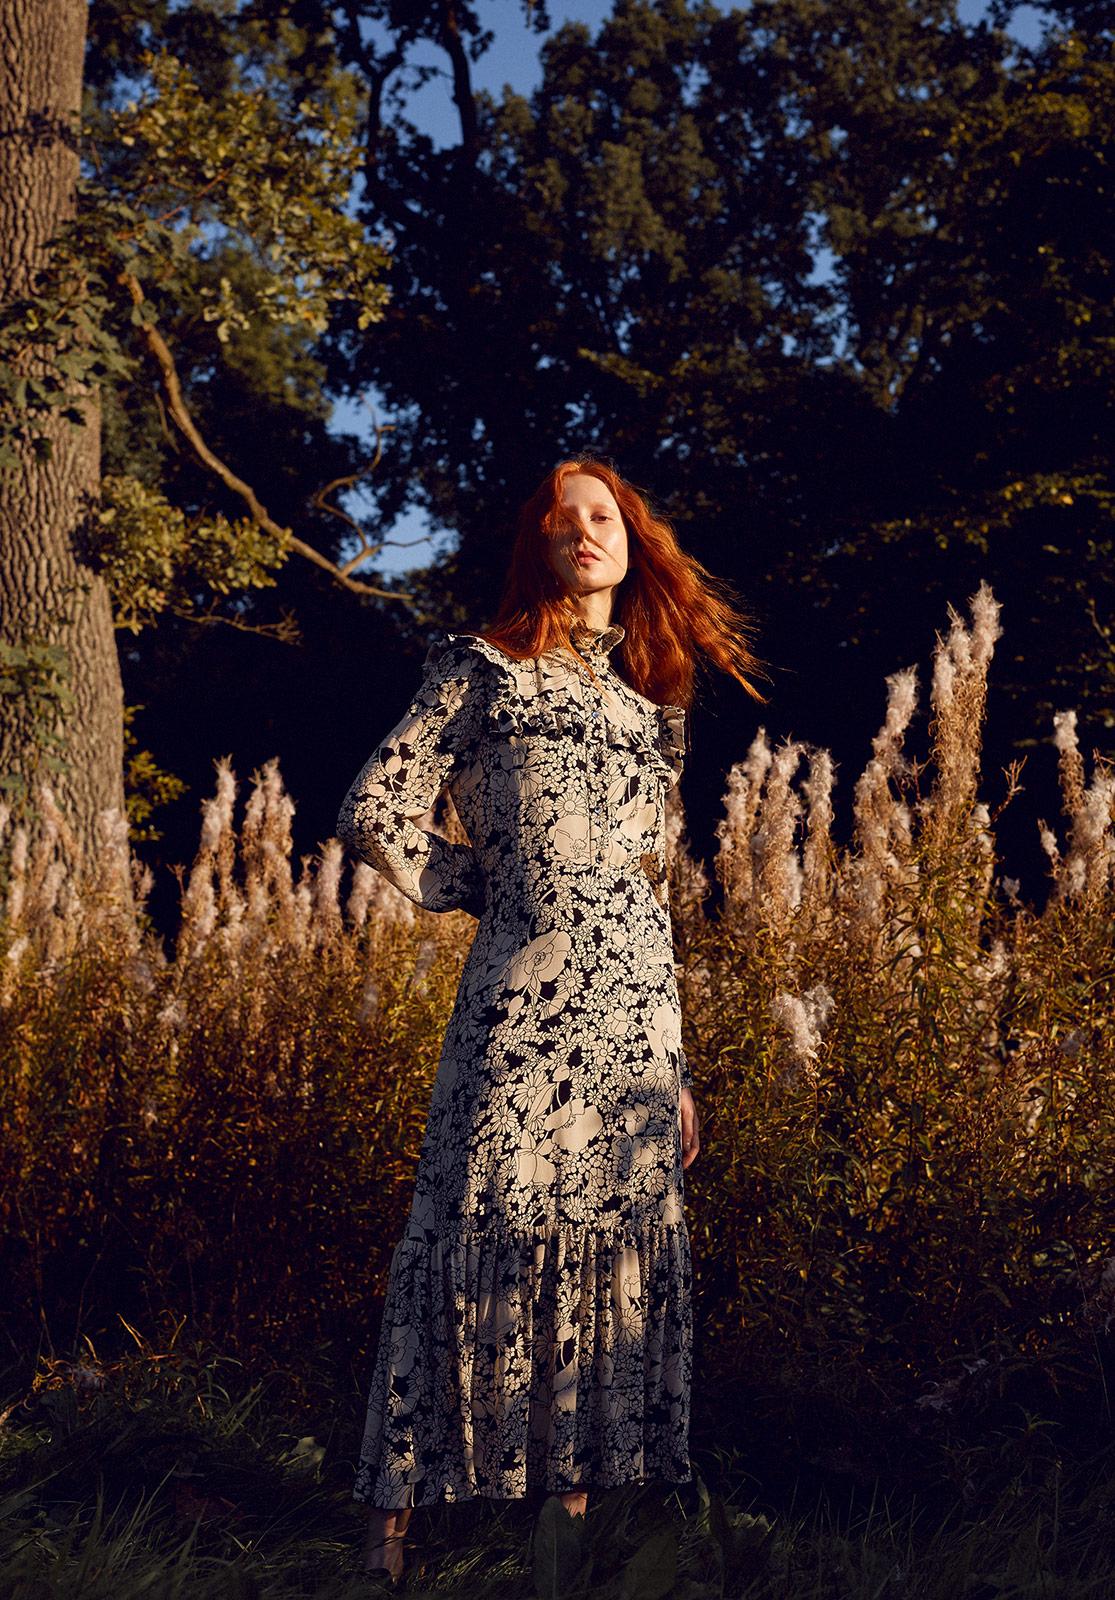 Dress: Saint Laurent